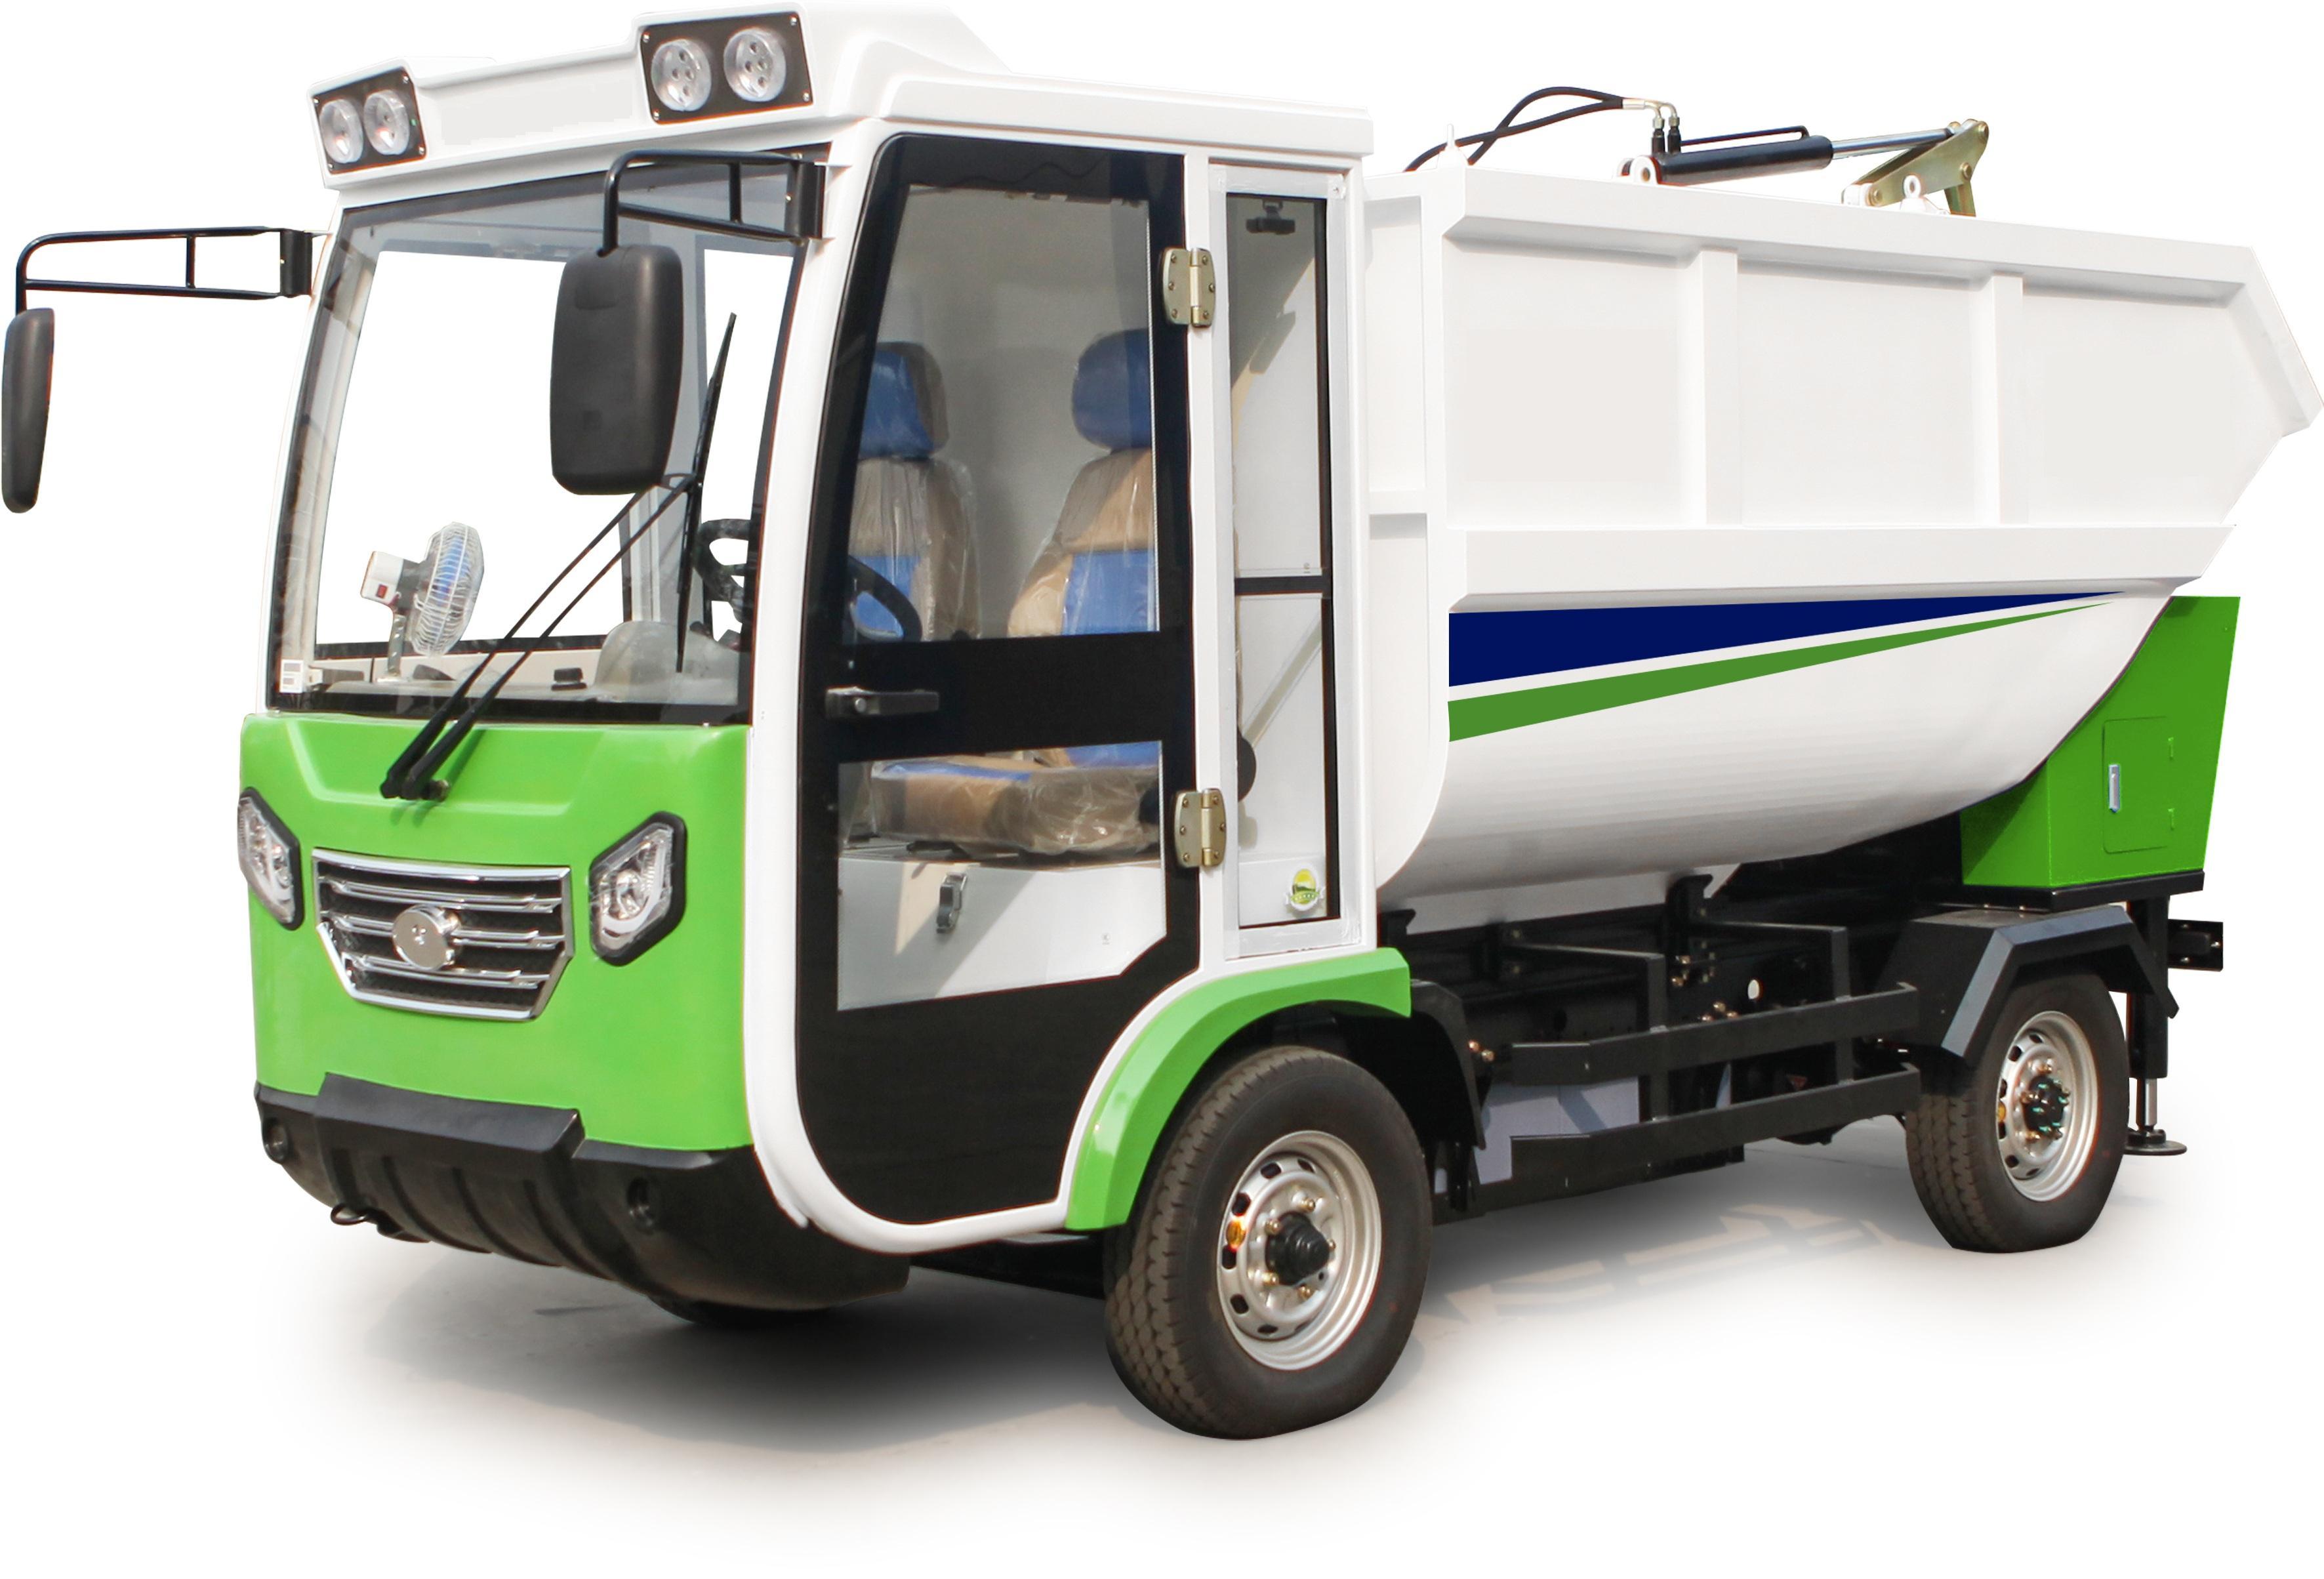 Xe điện chở rác 4 bánh